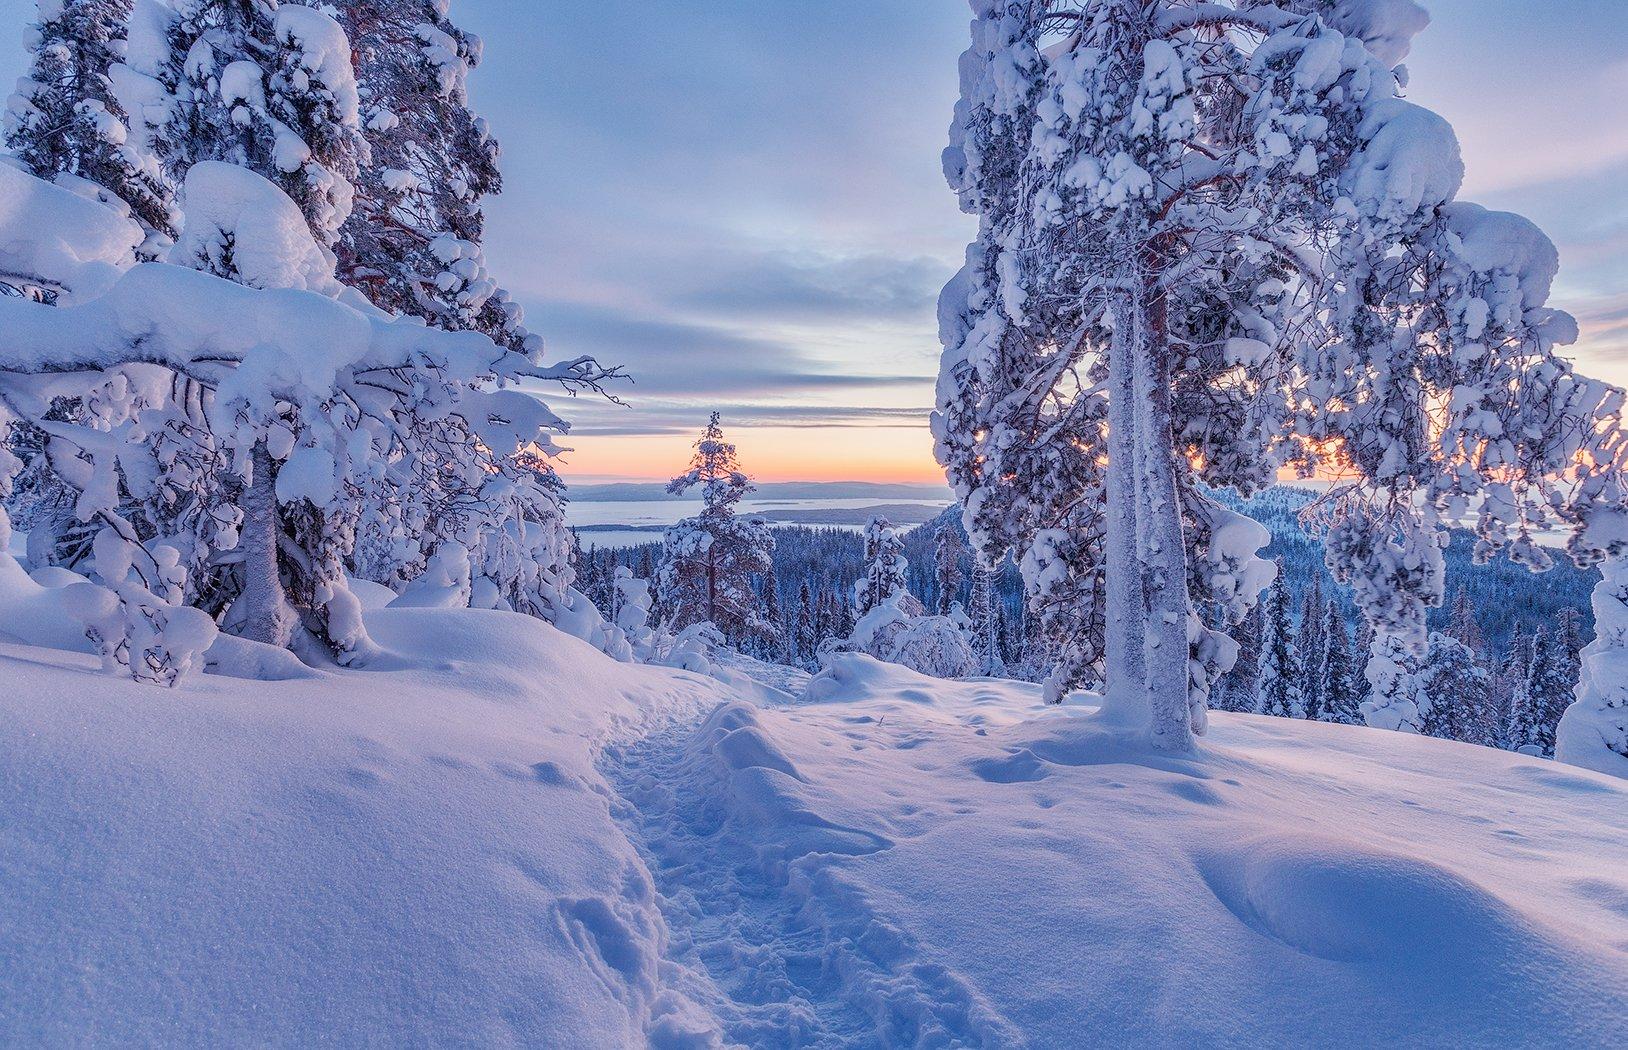 снег, горы, ели, кандалакша, закат, Липецких Владимир